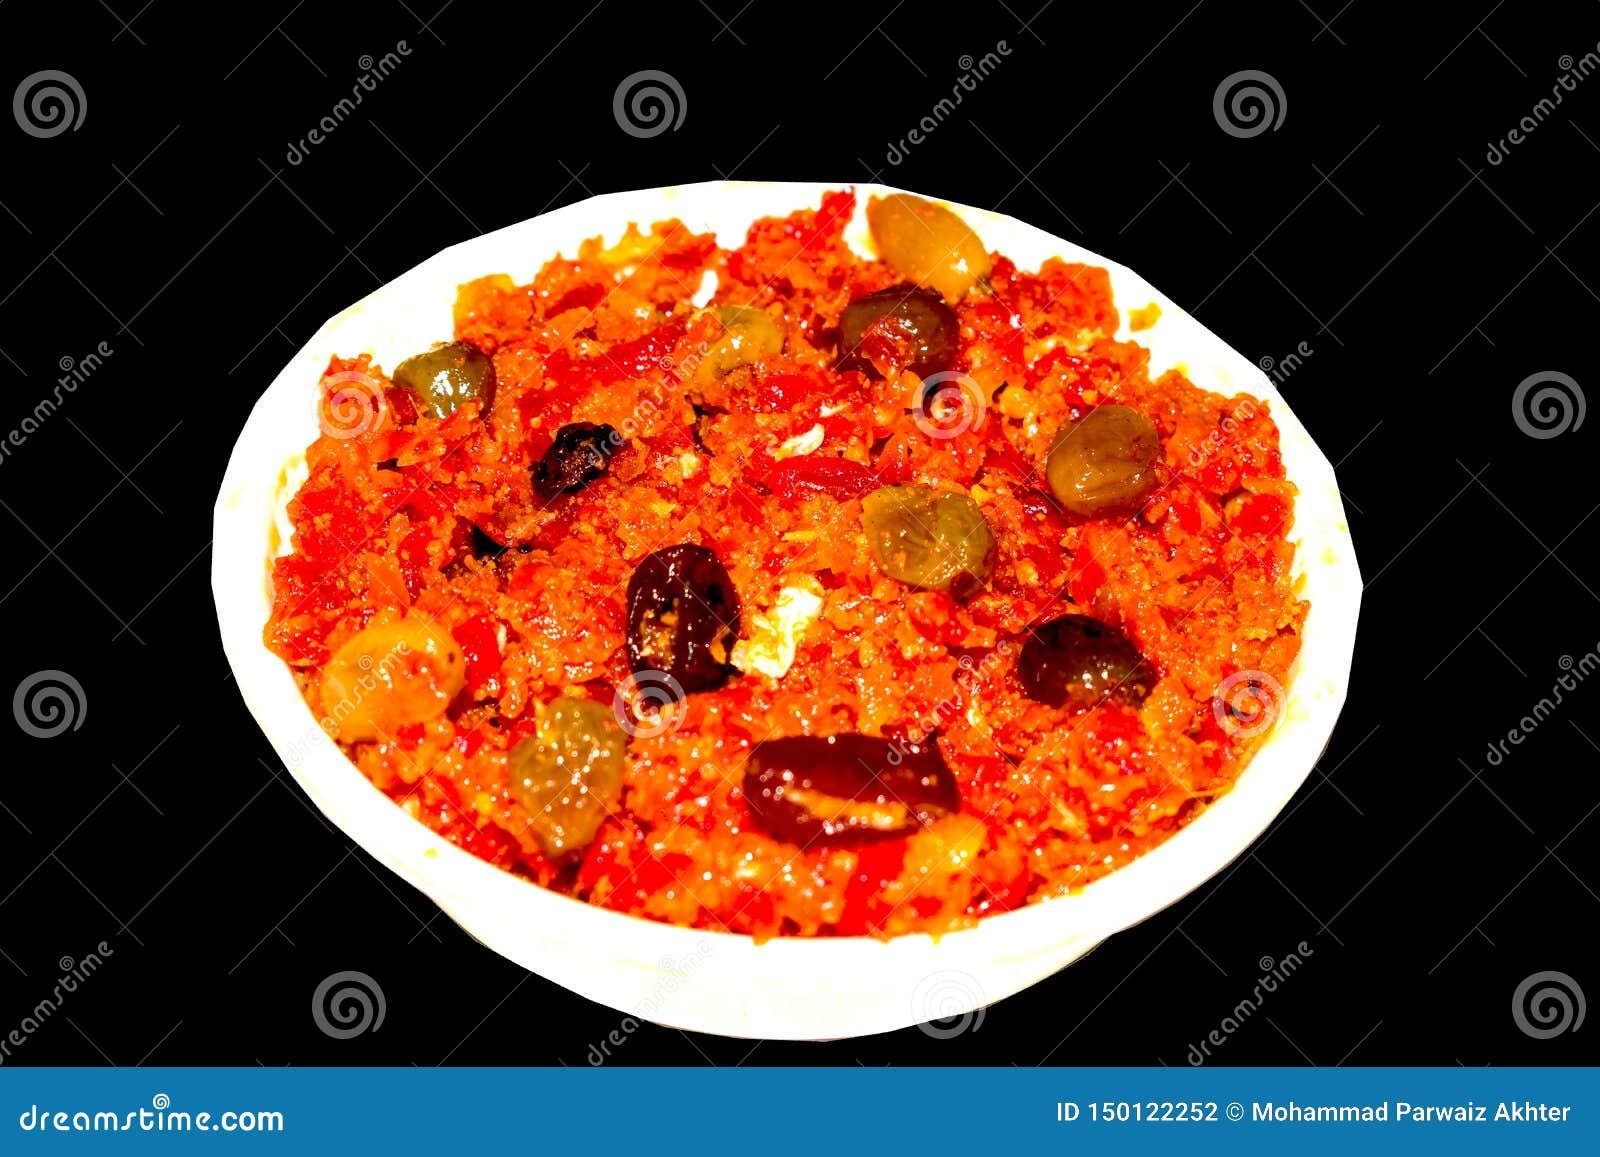 Den Gajar halwaen är moroten baserad pudding som göras med khya, mjölkar, mandeln, pistasch